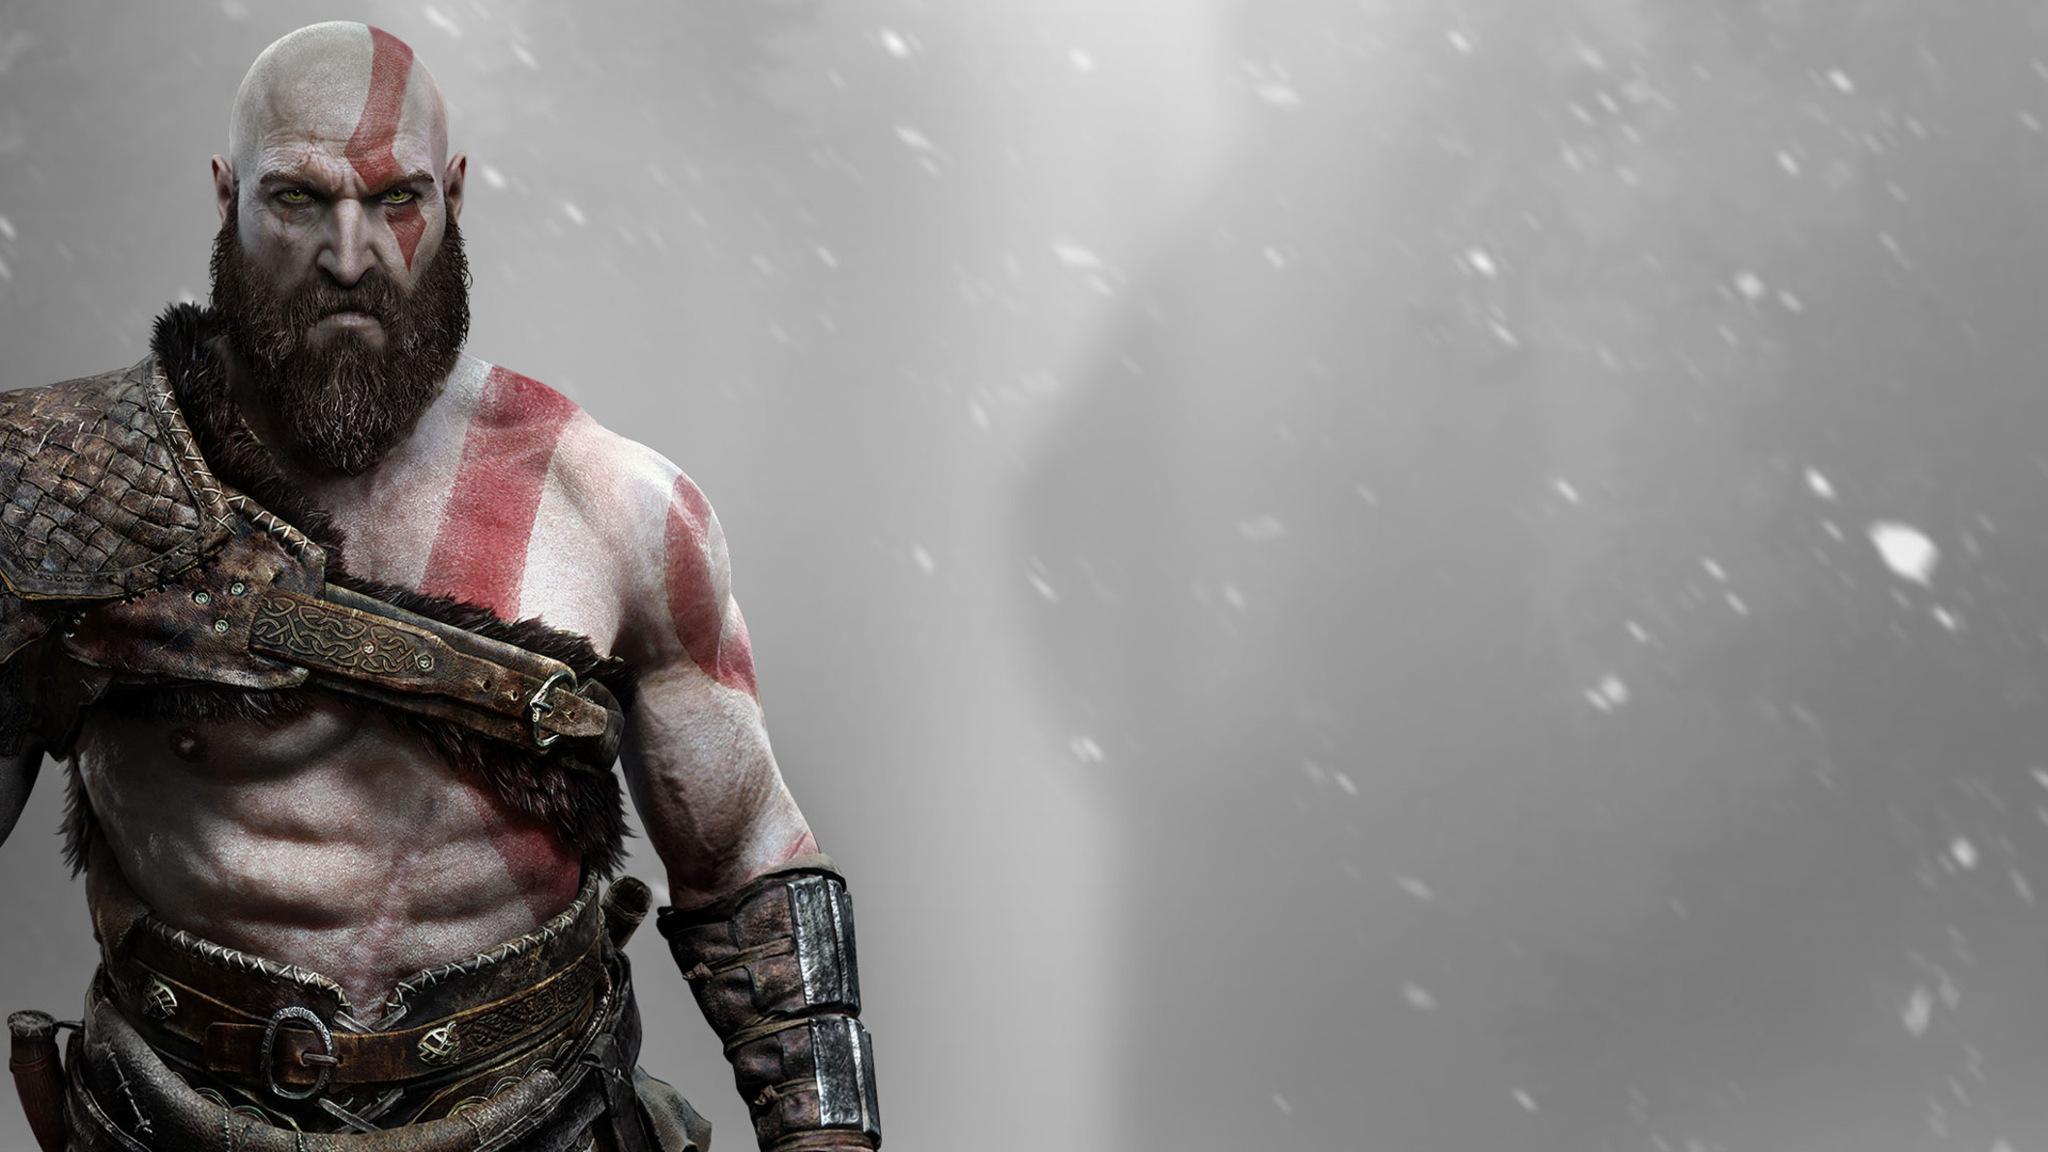 2048x1152 Kratos God Of War 2048x1152 Resolution Hd 4k Wallpapers